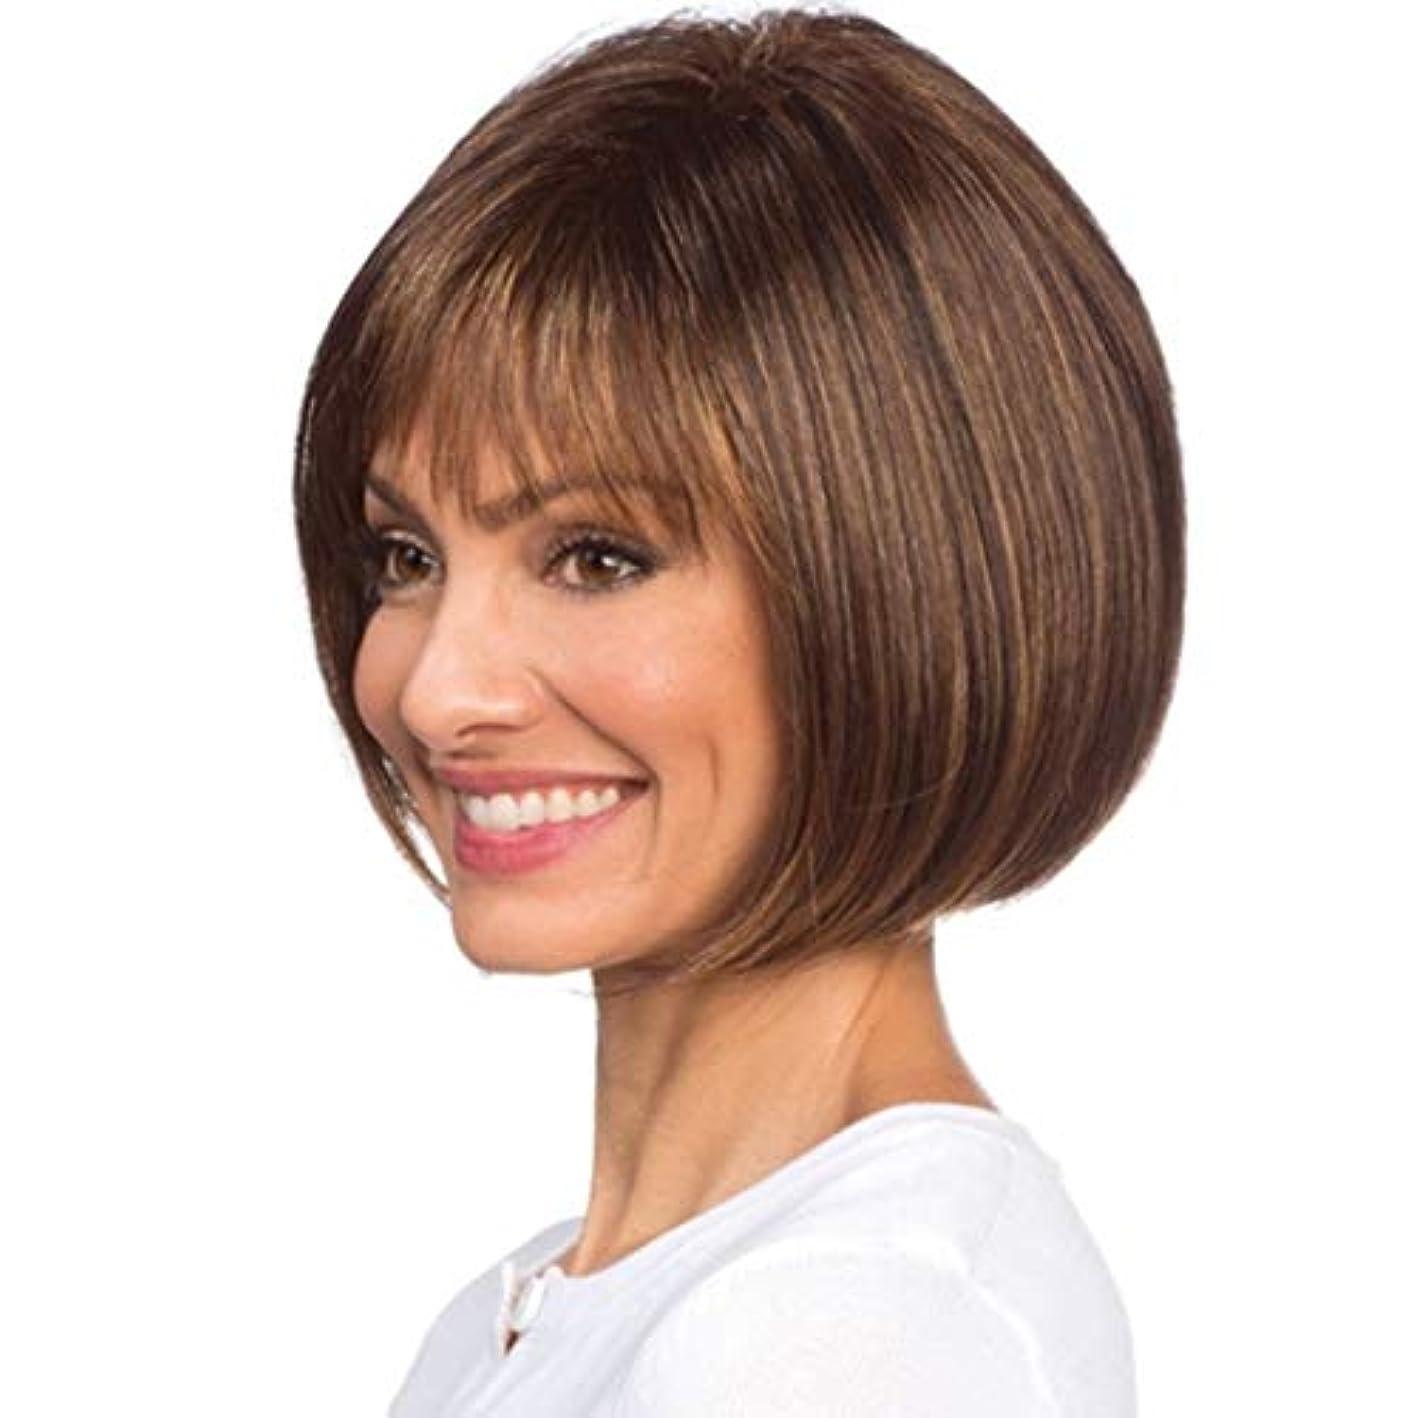 硫黄コンチネンタル言うまでもなくSummerys ソフト&スムーズ女性用前髪付き女性ガールズショートストレート合成かつら